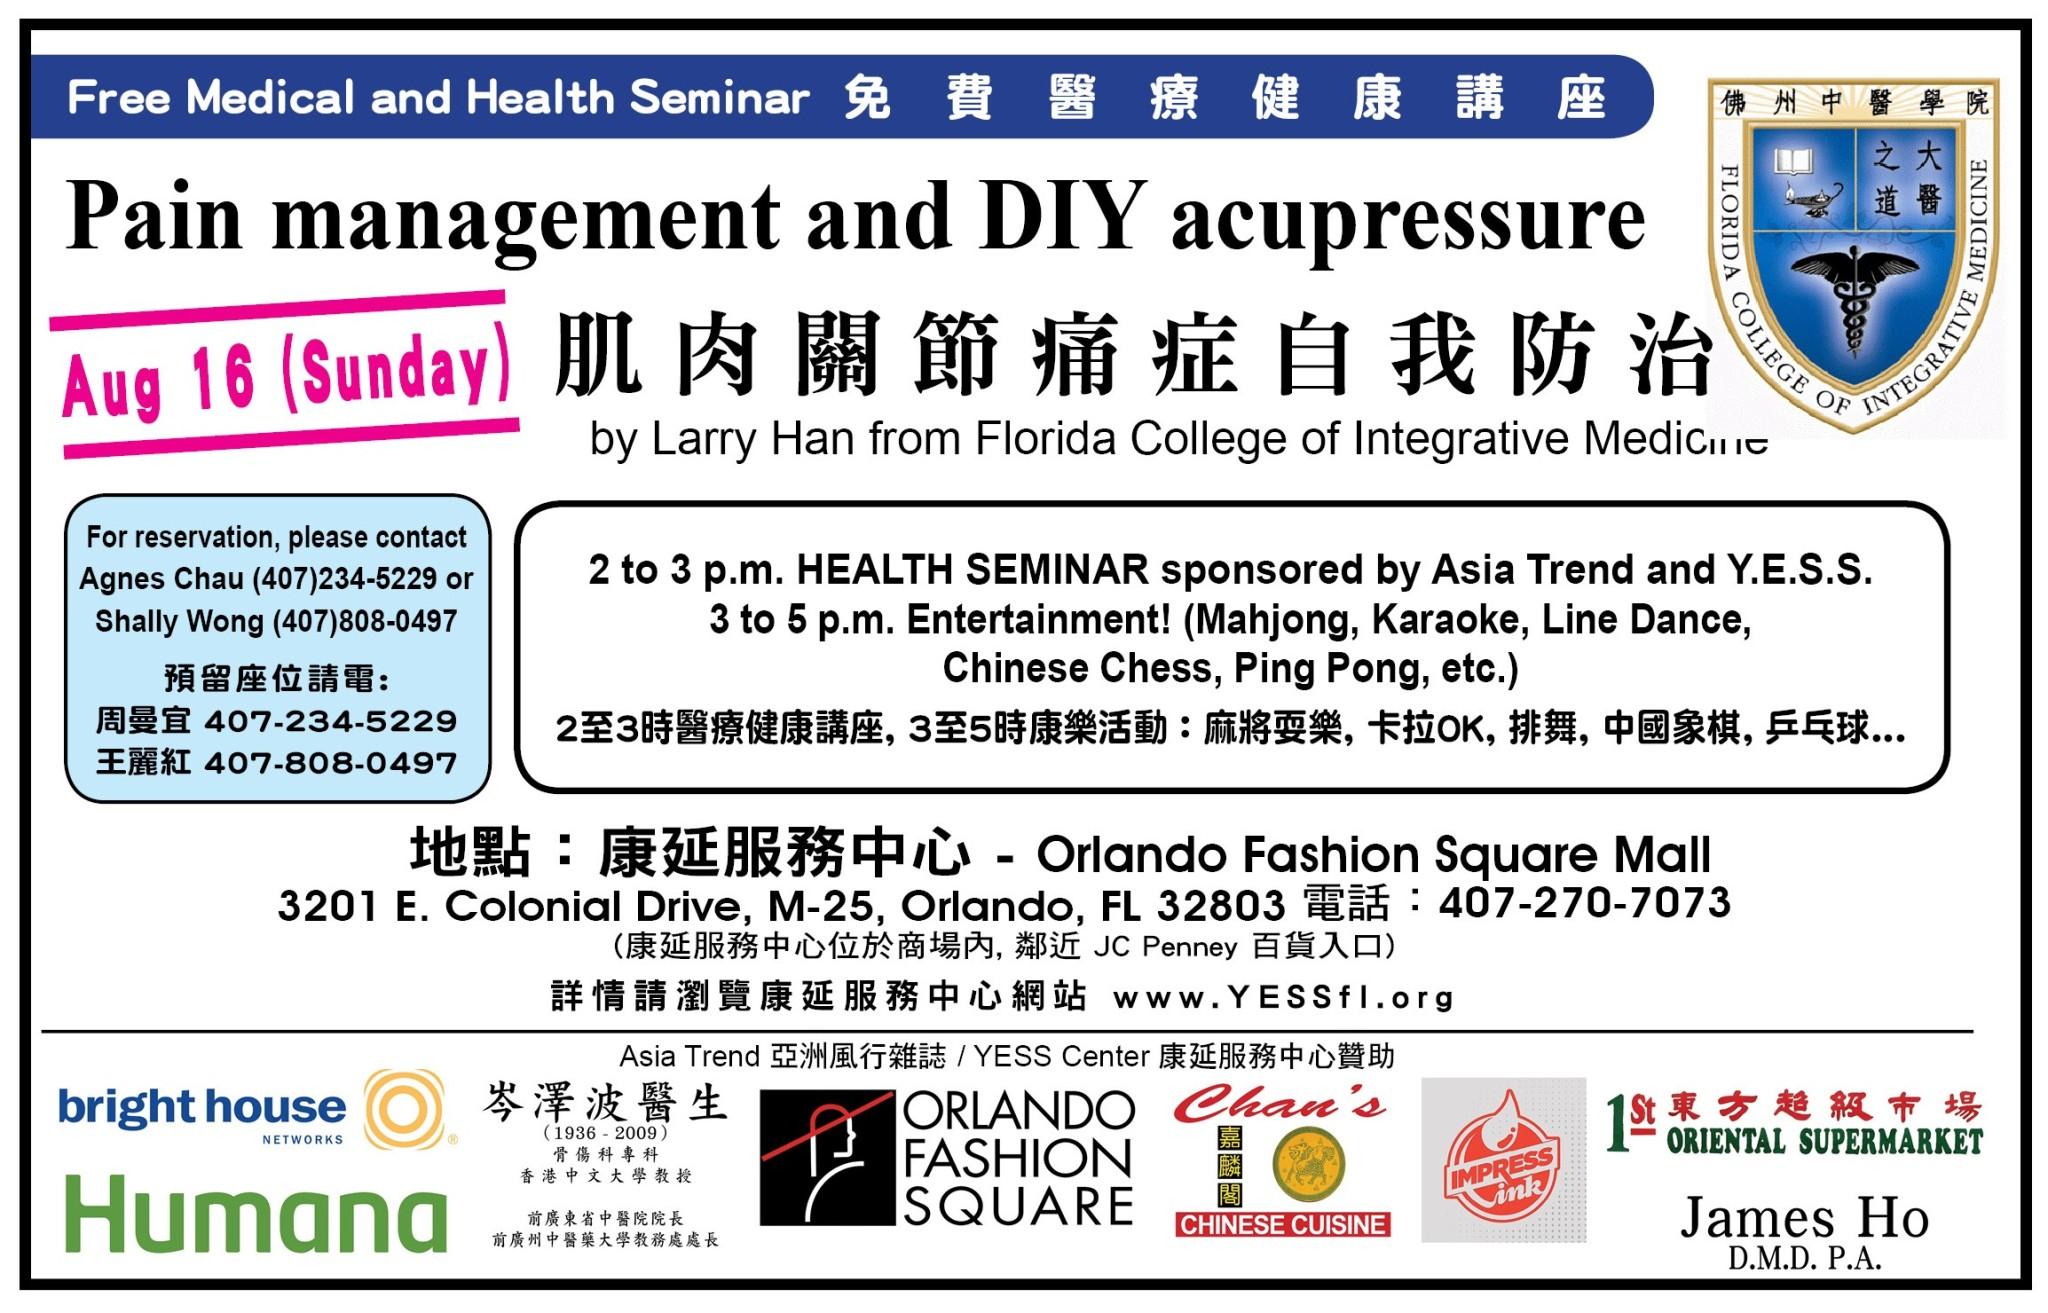 Free Medical and Health Seminar: Pain management and DIY acupressure - FCIM